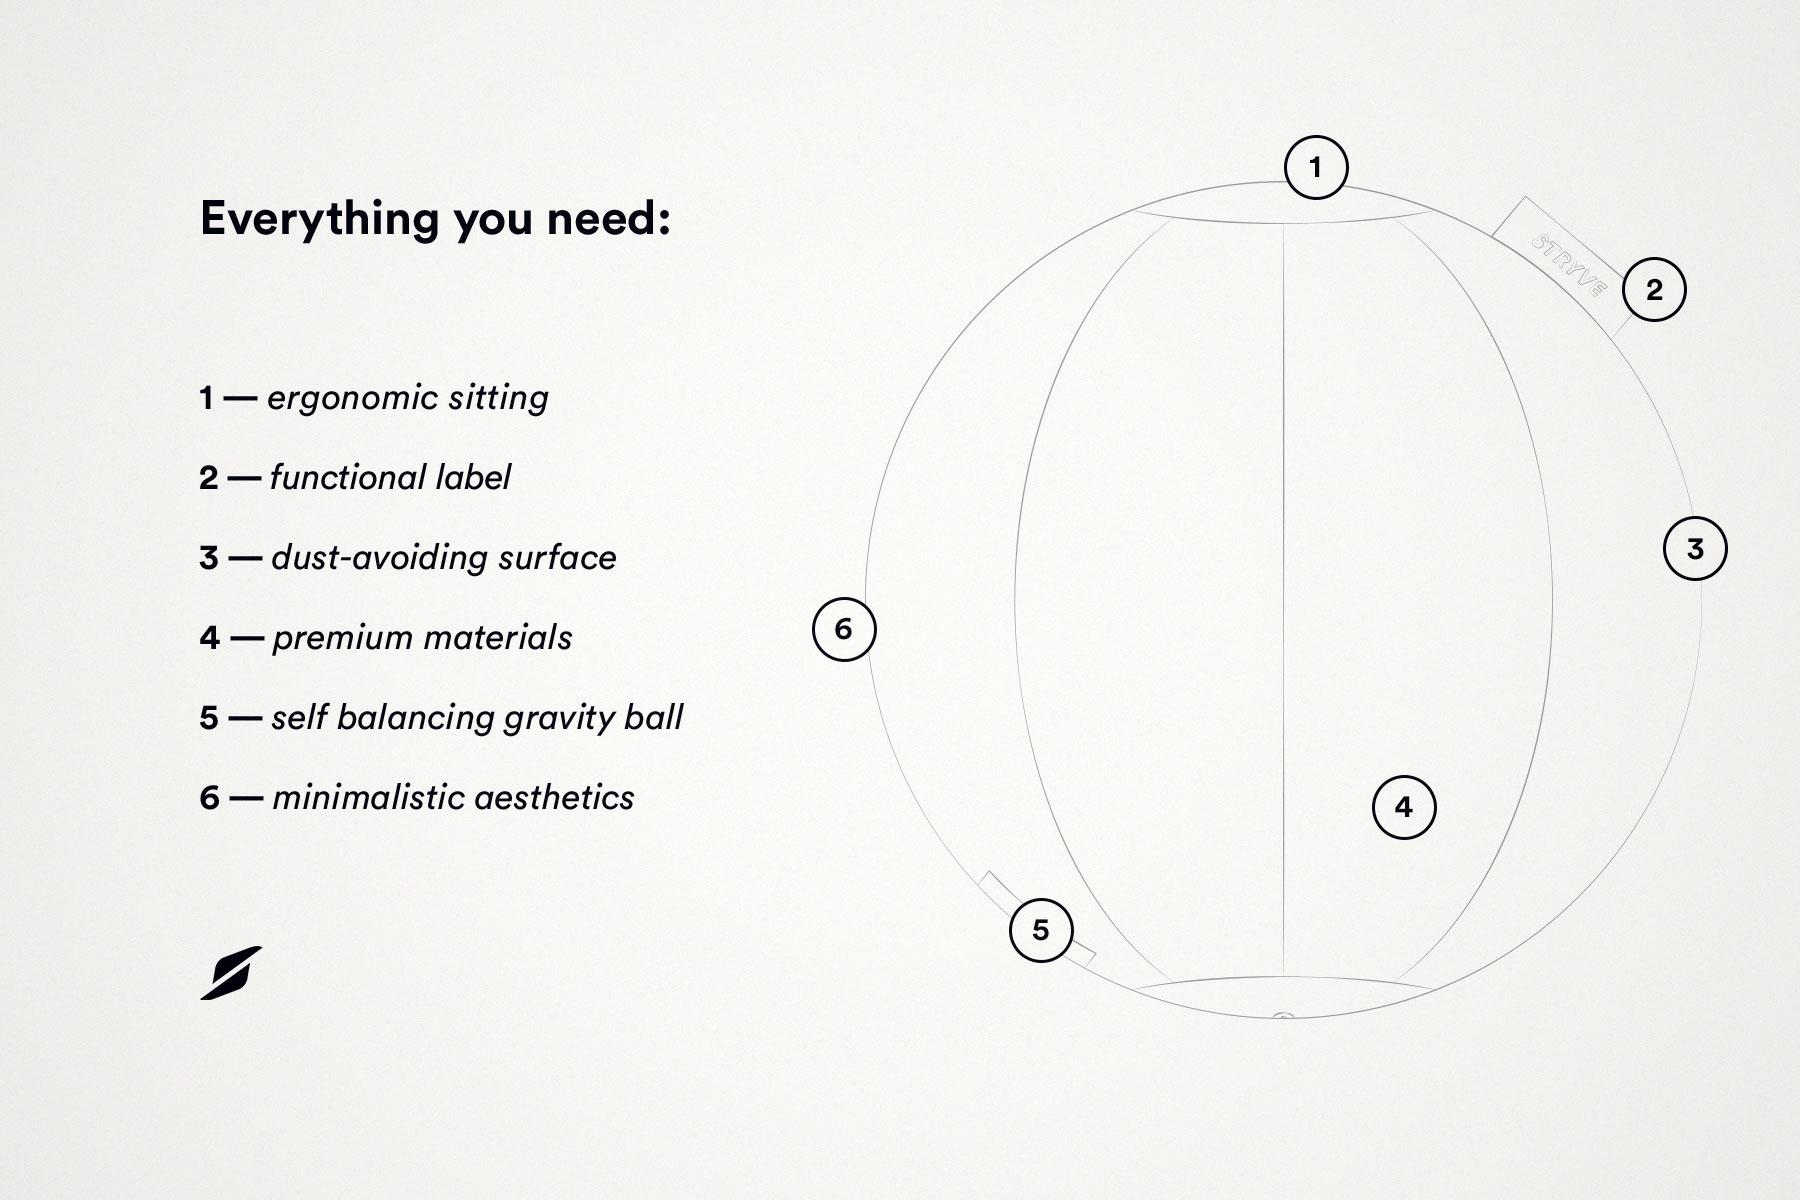 stryve-ball-produkt-design-gestaltung-entwurf